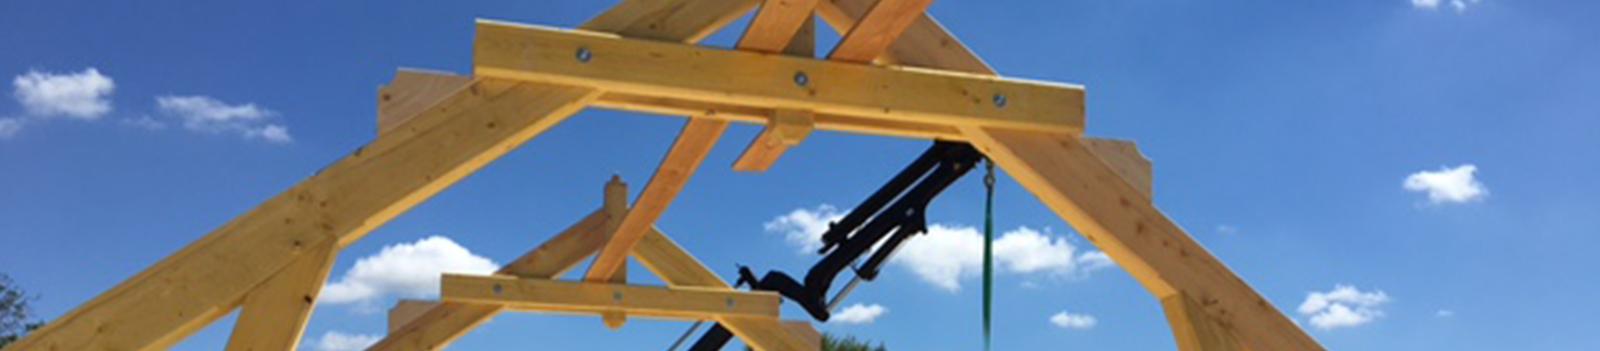 Réparation de toiture – Couvreur à Clamart